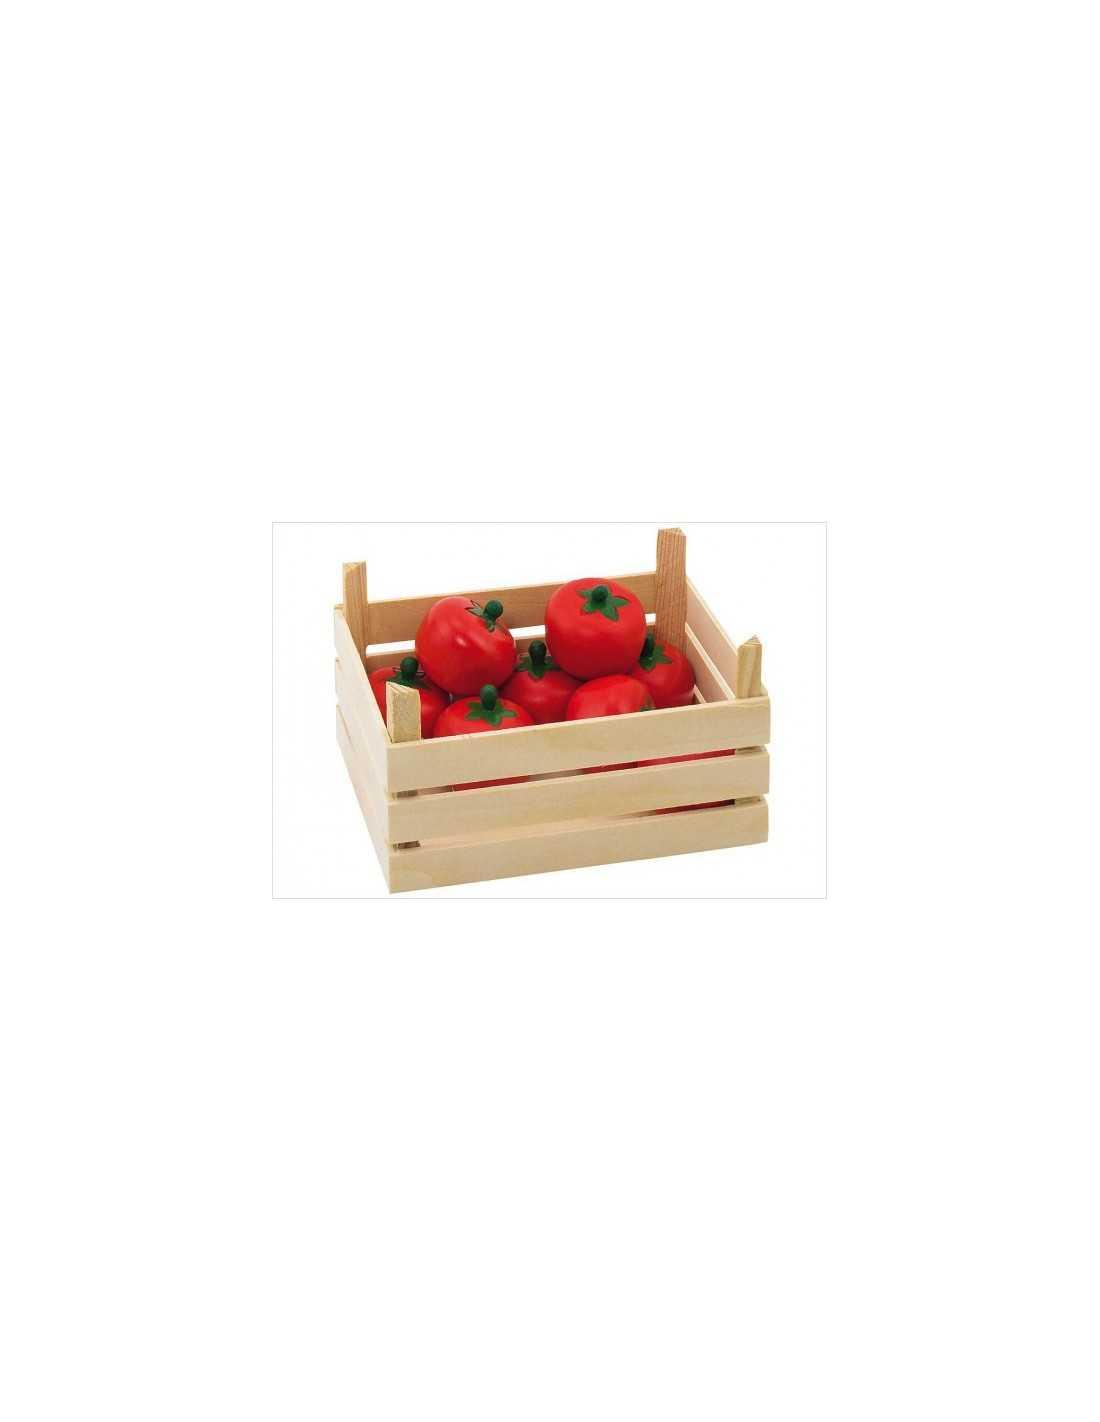 cagette en bois tomate marchande goki mes tendances bio. Black Bedroom Furniture Sets. Home Design Ideas